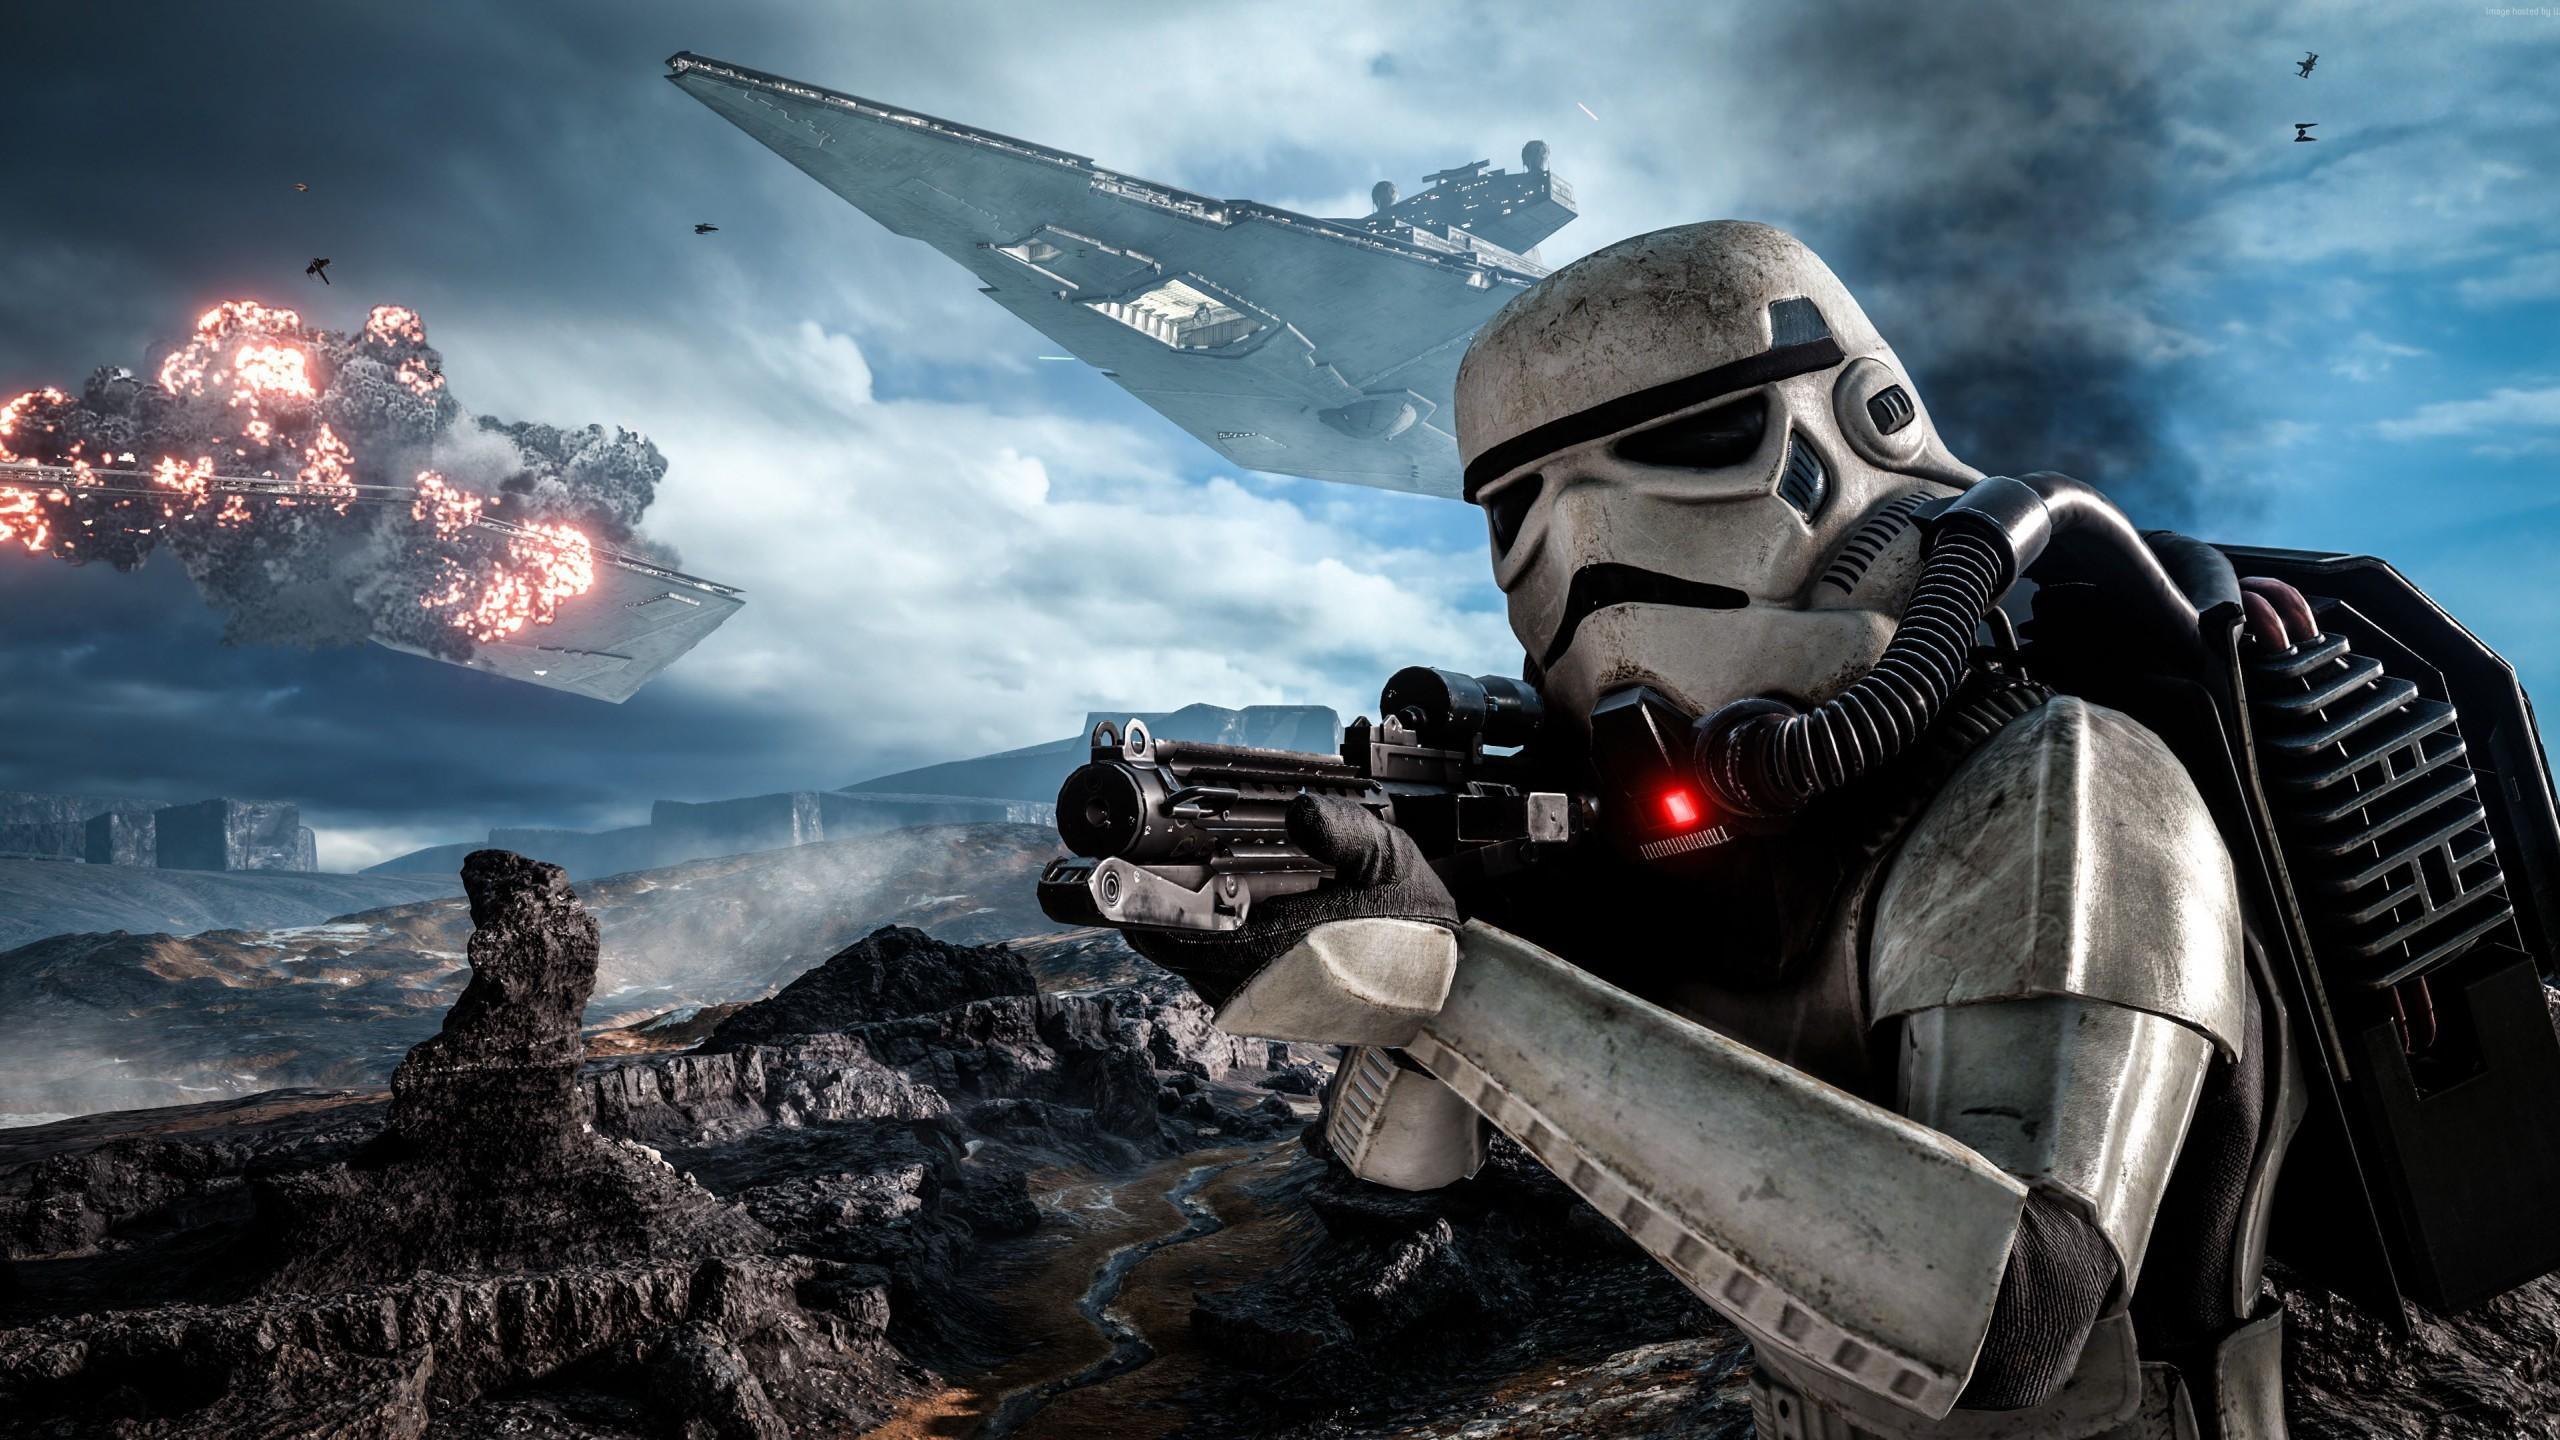 Star Wars Battlefront Art 2 2560x1440 Wallpaper Thewallpaperkid Com